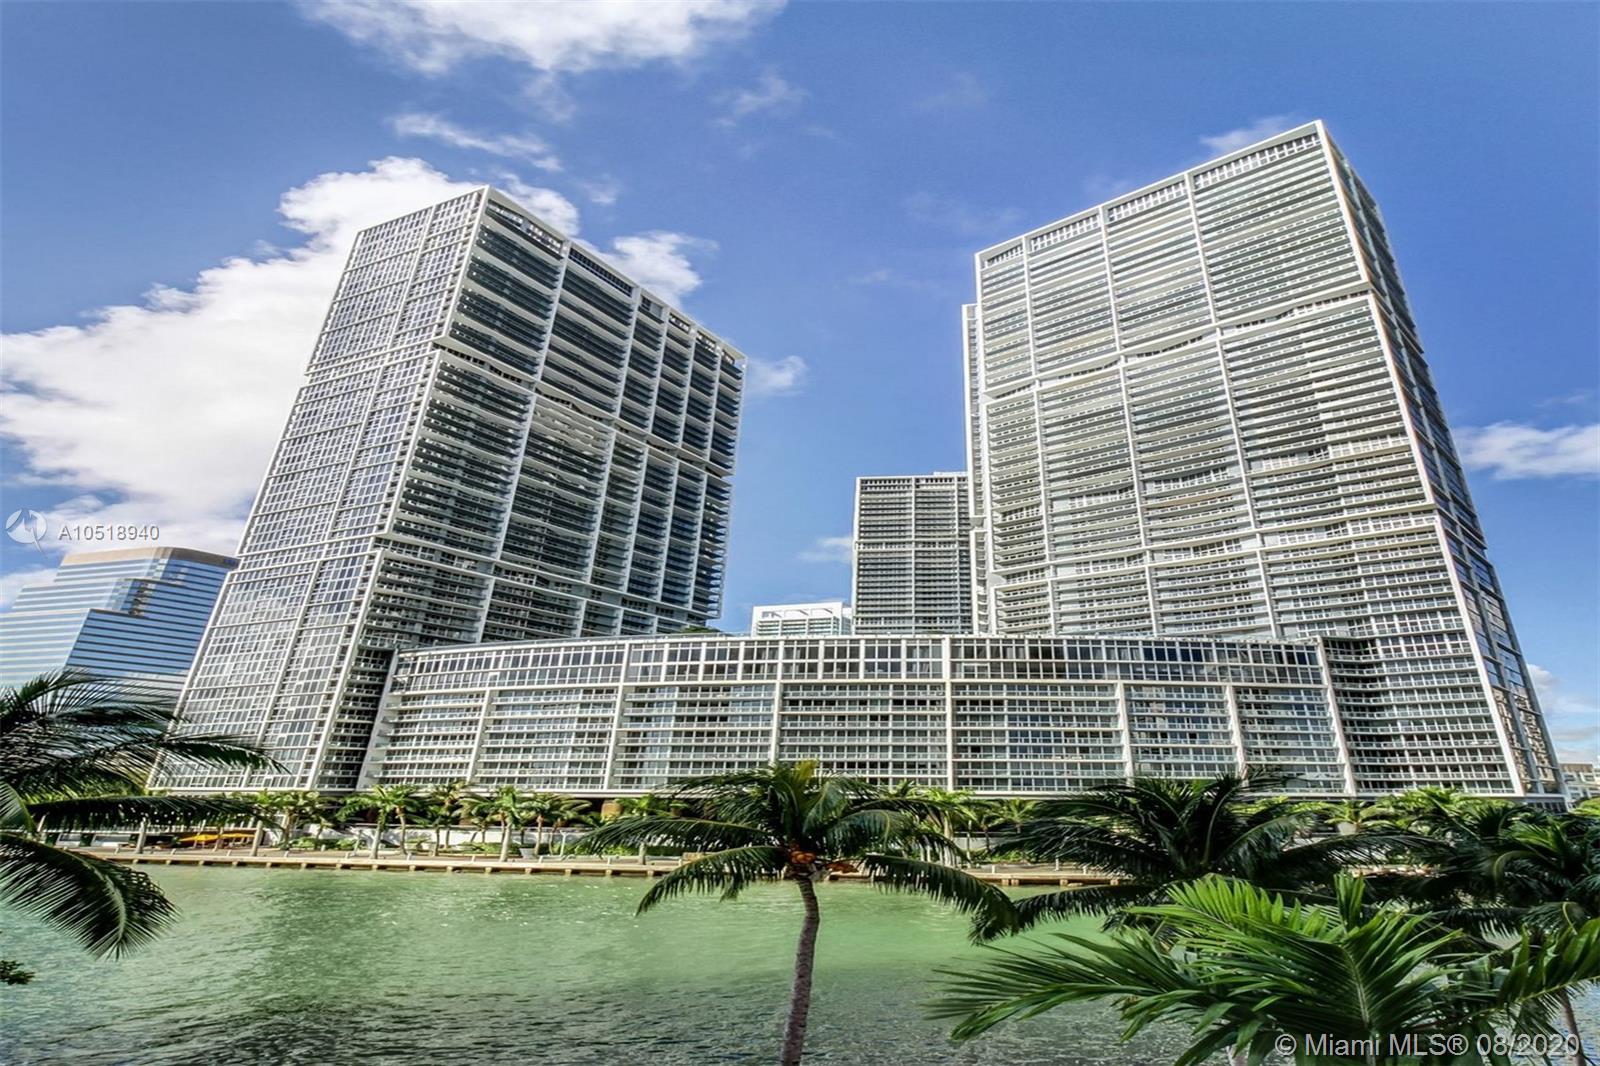 495 Brickell Ave, Miami, FL 33131, Icon Brickell II #809, Brickell, Miami A10518940 image #22